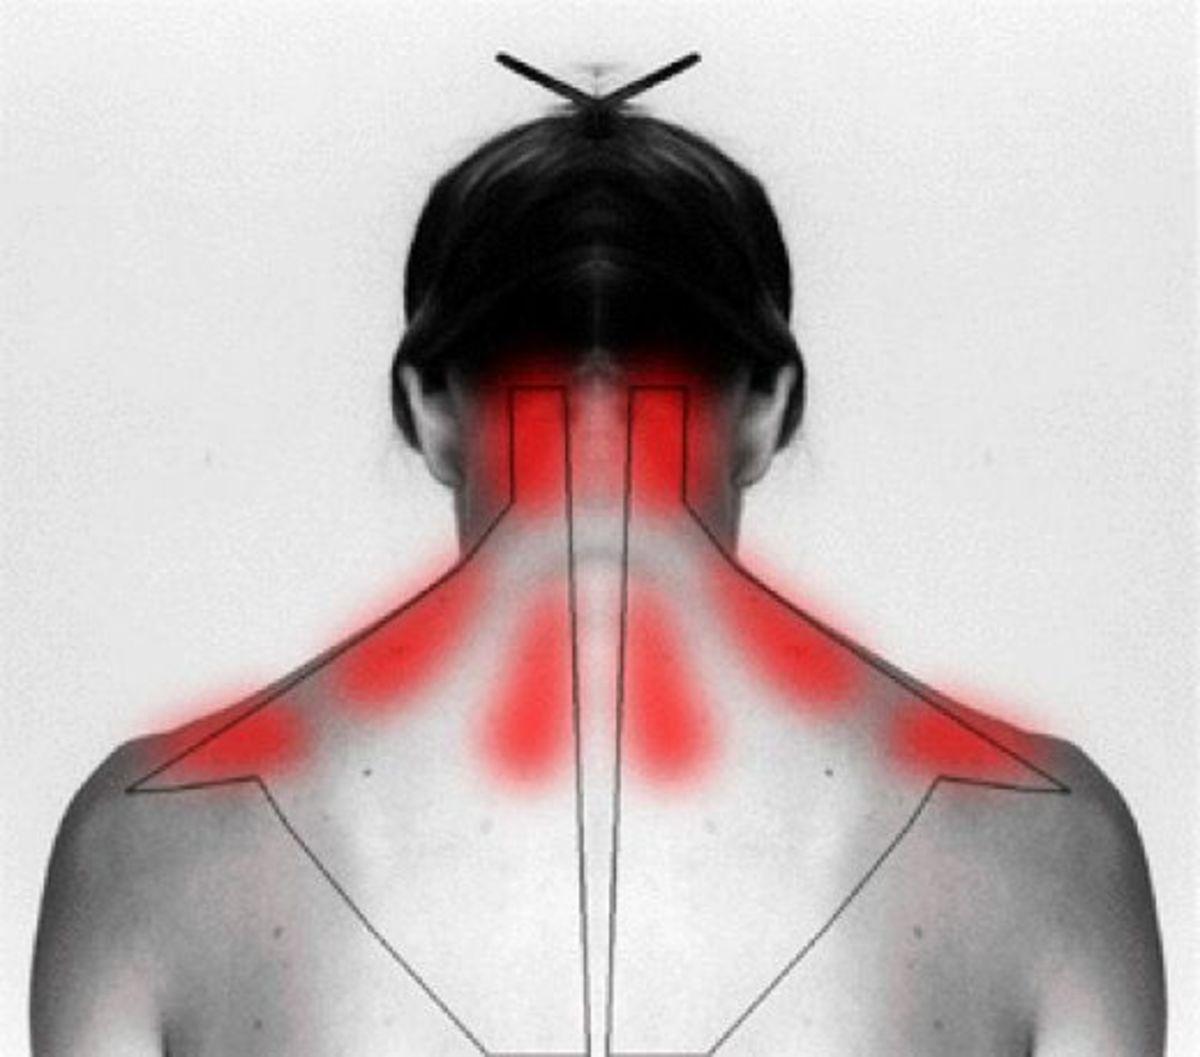 Πόνοι στον αυχένα και την ωμοπλάτη: Οι ασκήσεις που σώζουν..